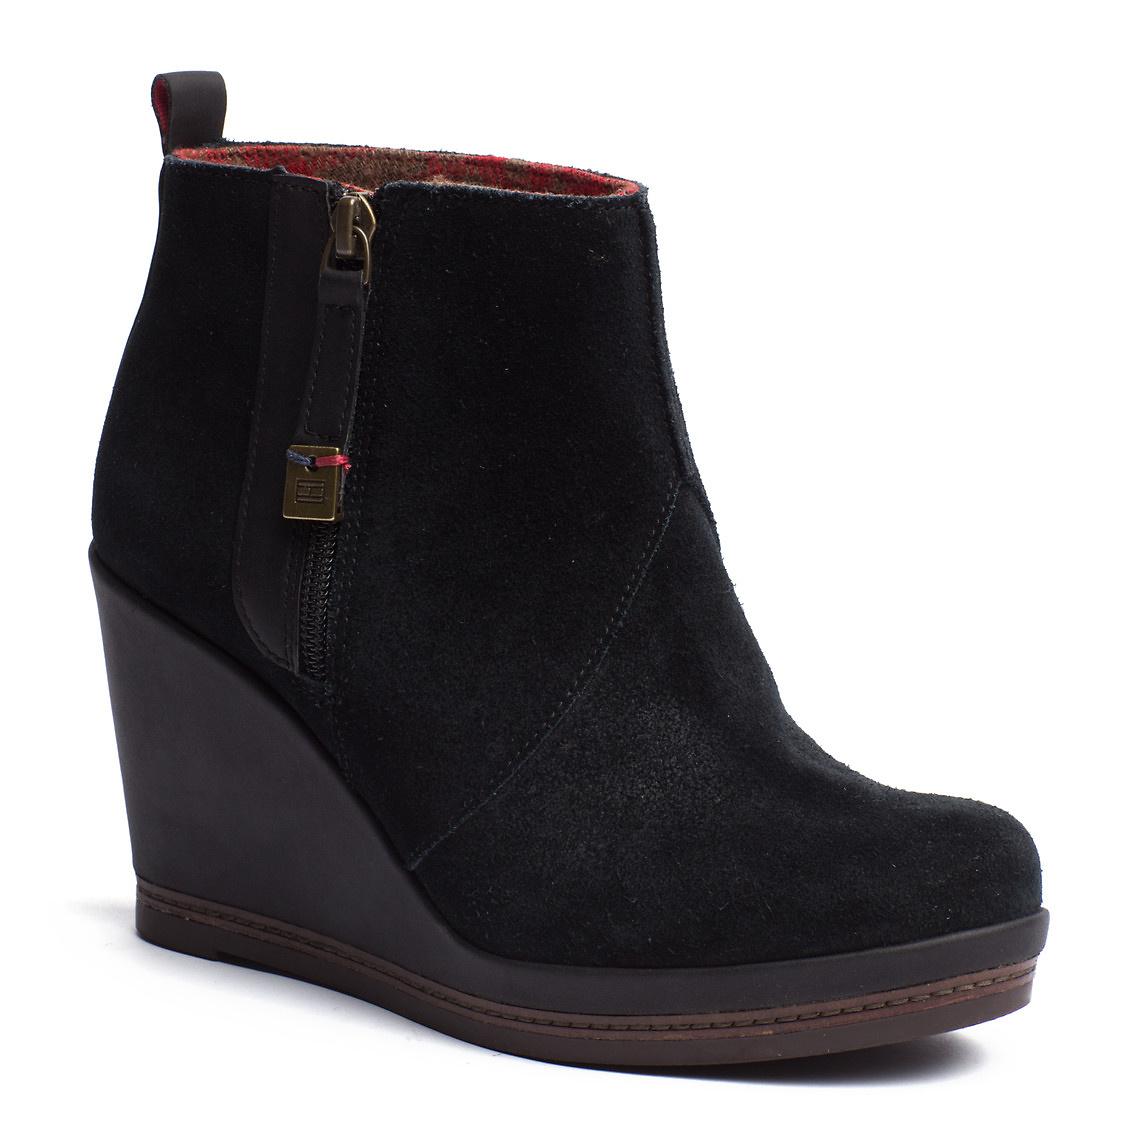 tommy hilfiger natalie ankle boots in black lyst. Black Bedroom Furniture Sets. Home Design Ideas